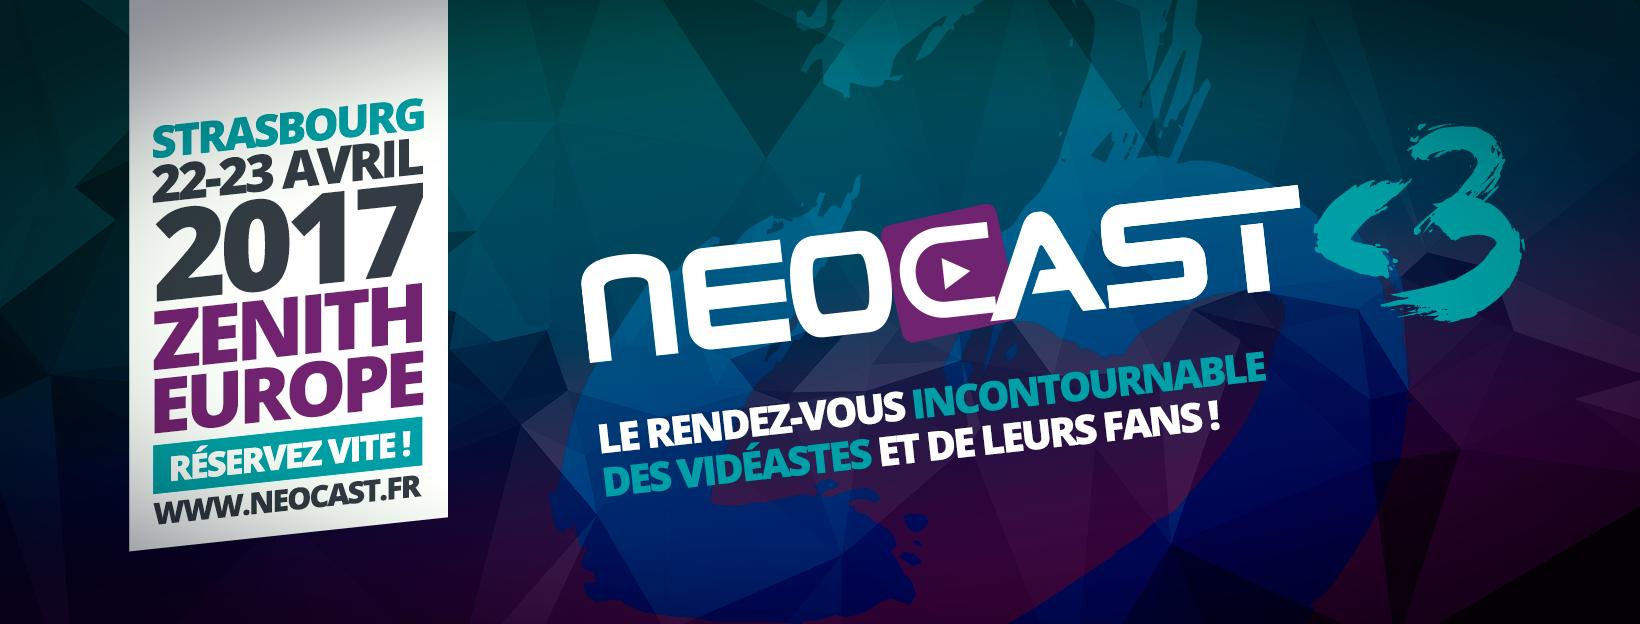 Le salon des vidéastes, la NeoCast 3 est annulée